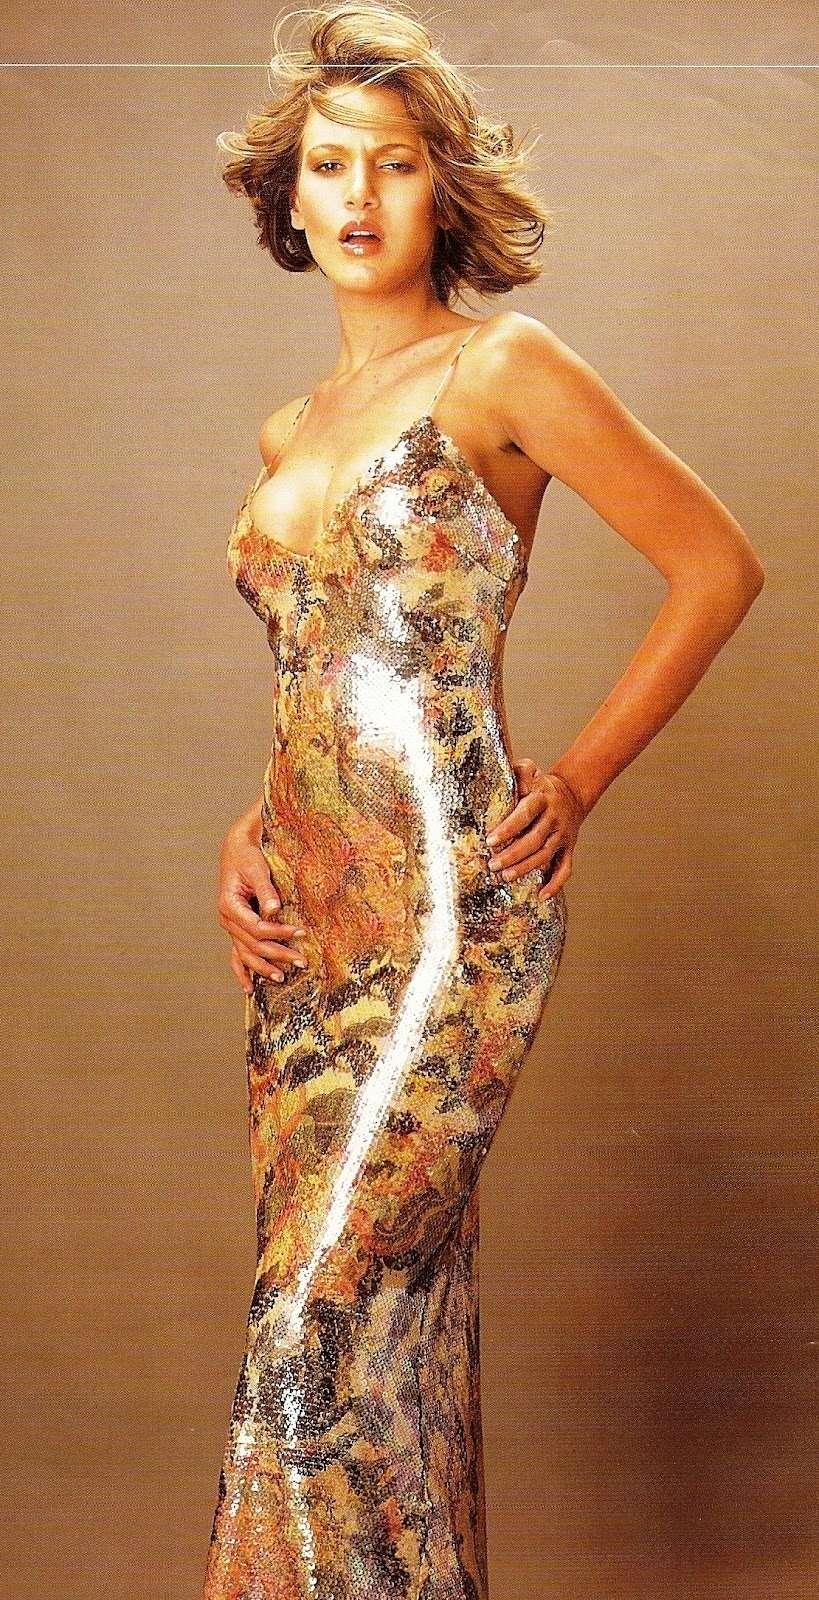 eva ekvall, 3rd runner-up de miss universe 2001. † Eva-be10